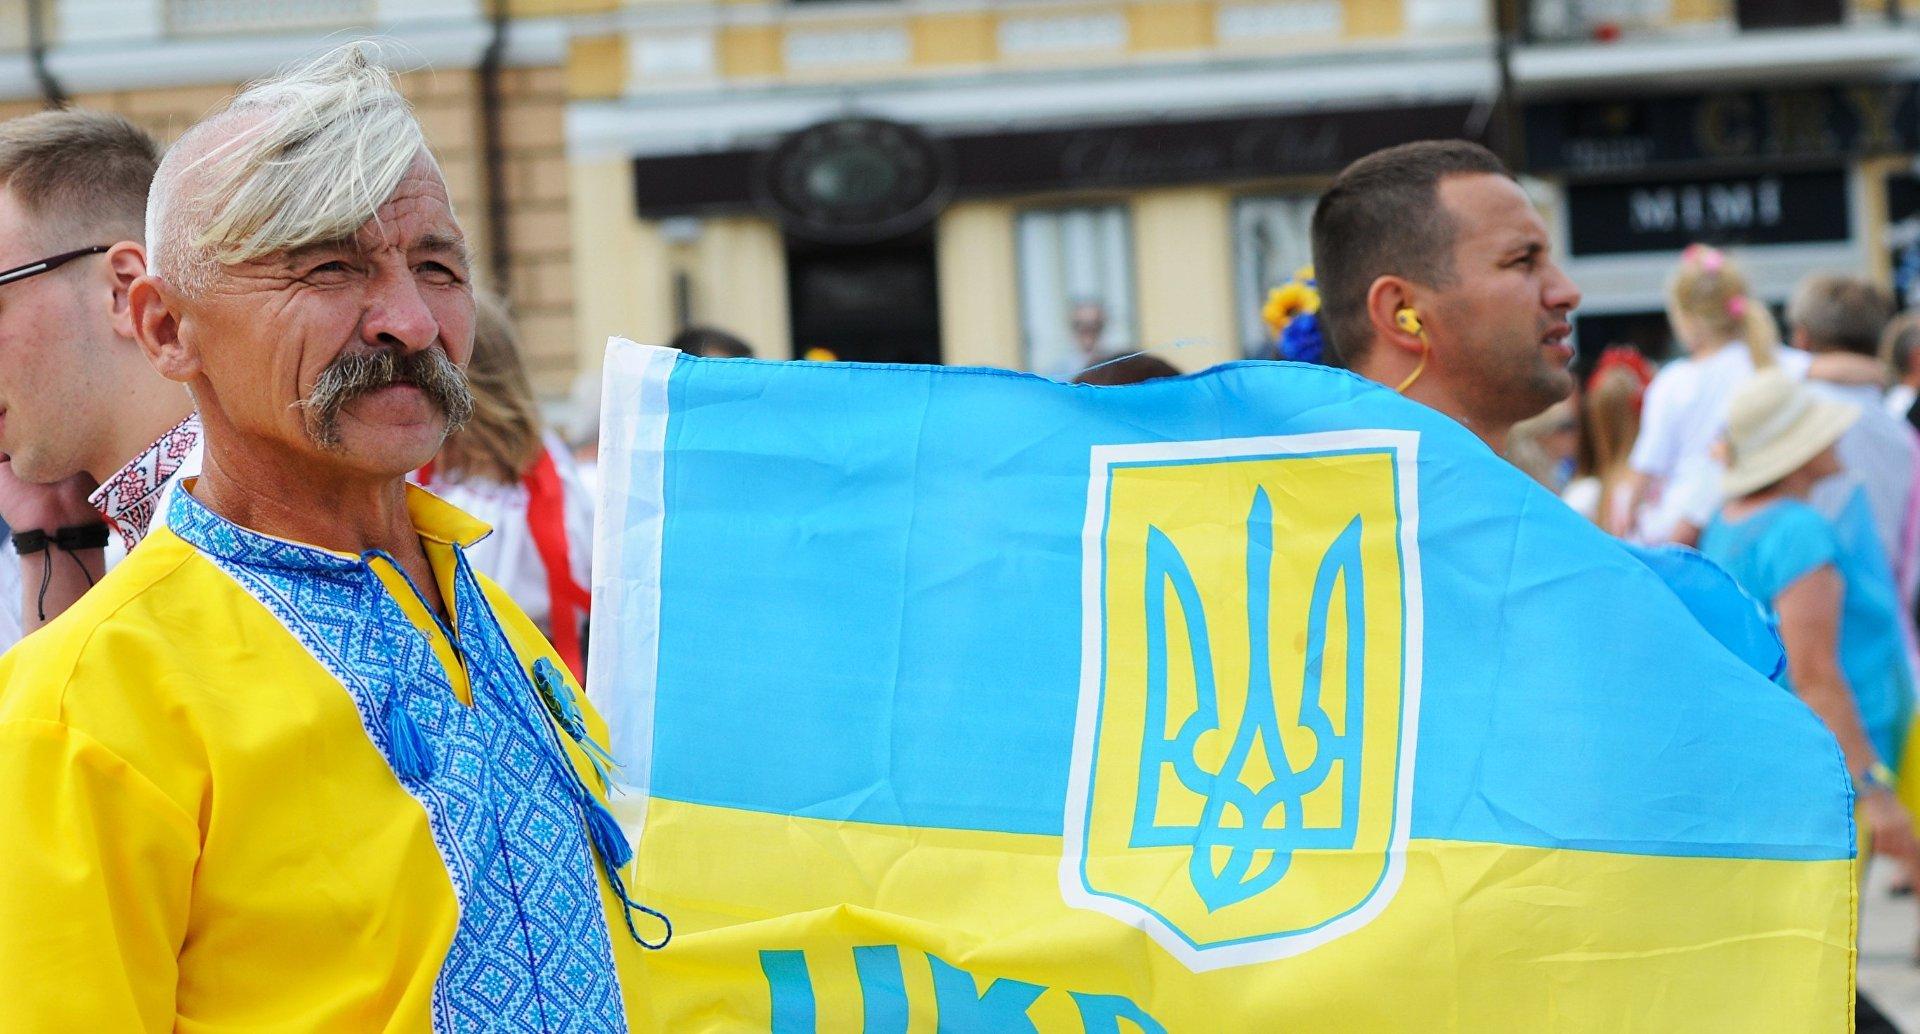 http://ukraina.ru/images/101400/00/1014000074.jpg